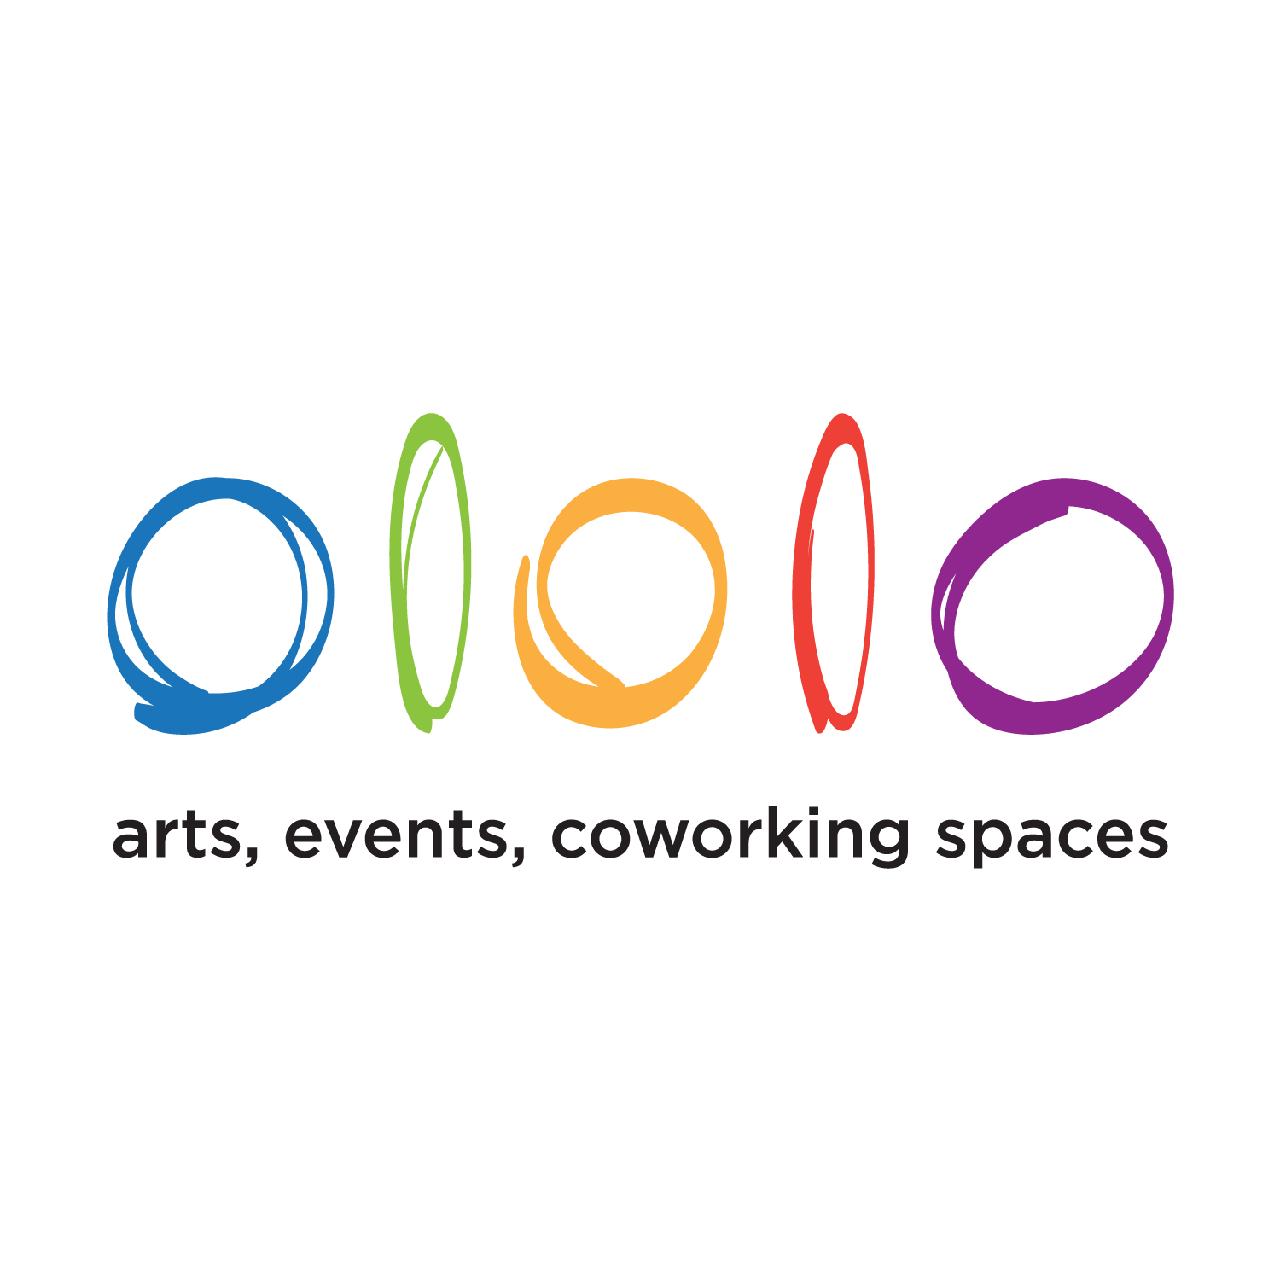 ololo_logo.png